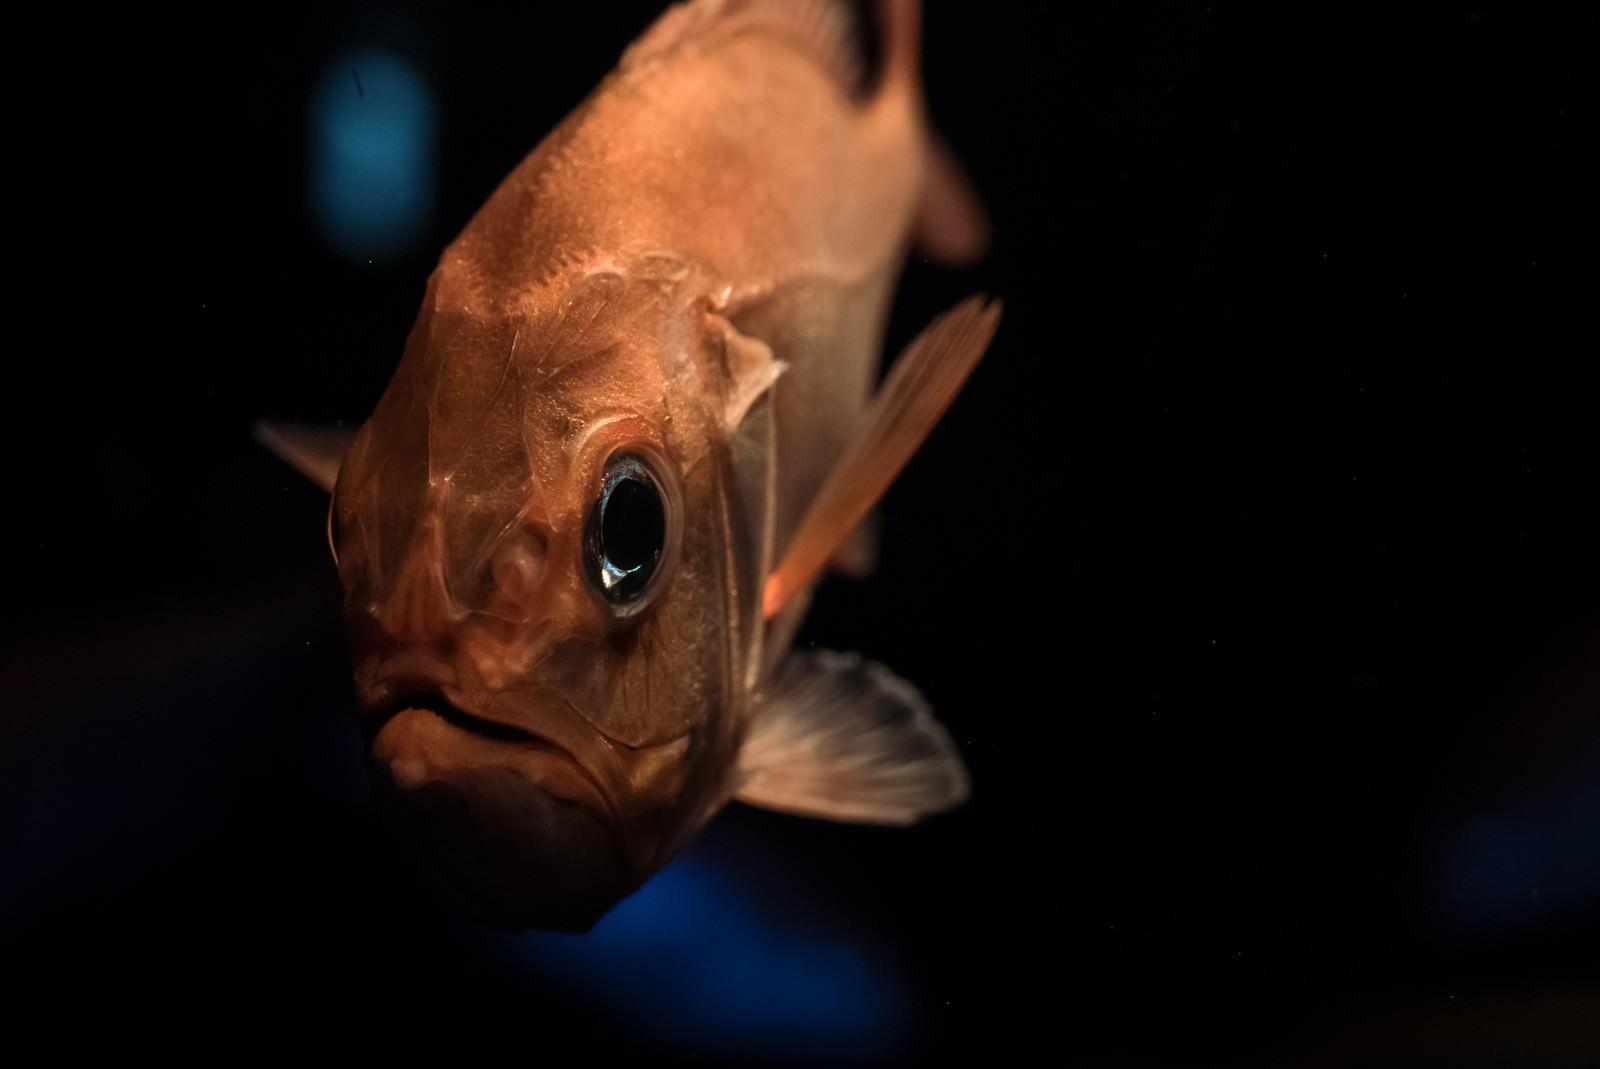 「深海魚」の写真